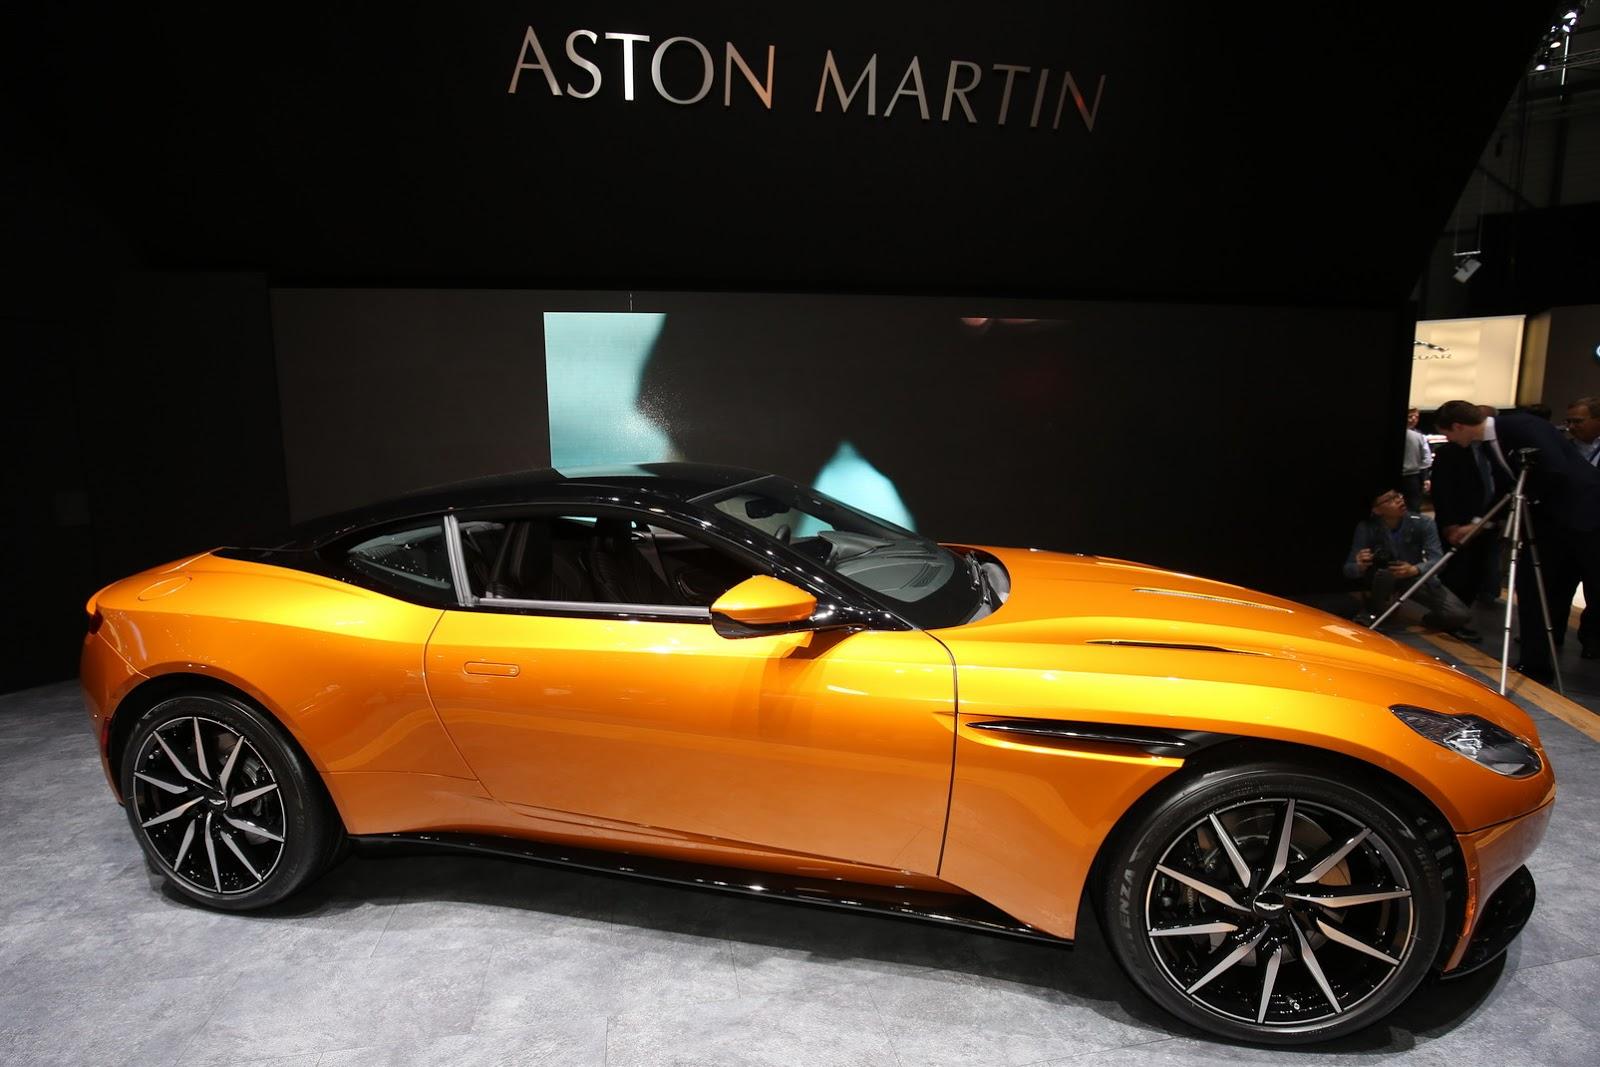 siêu xe db11: kỷ nguyên mới của aston martin